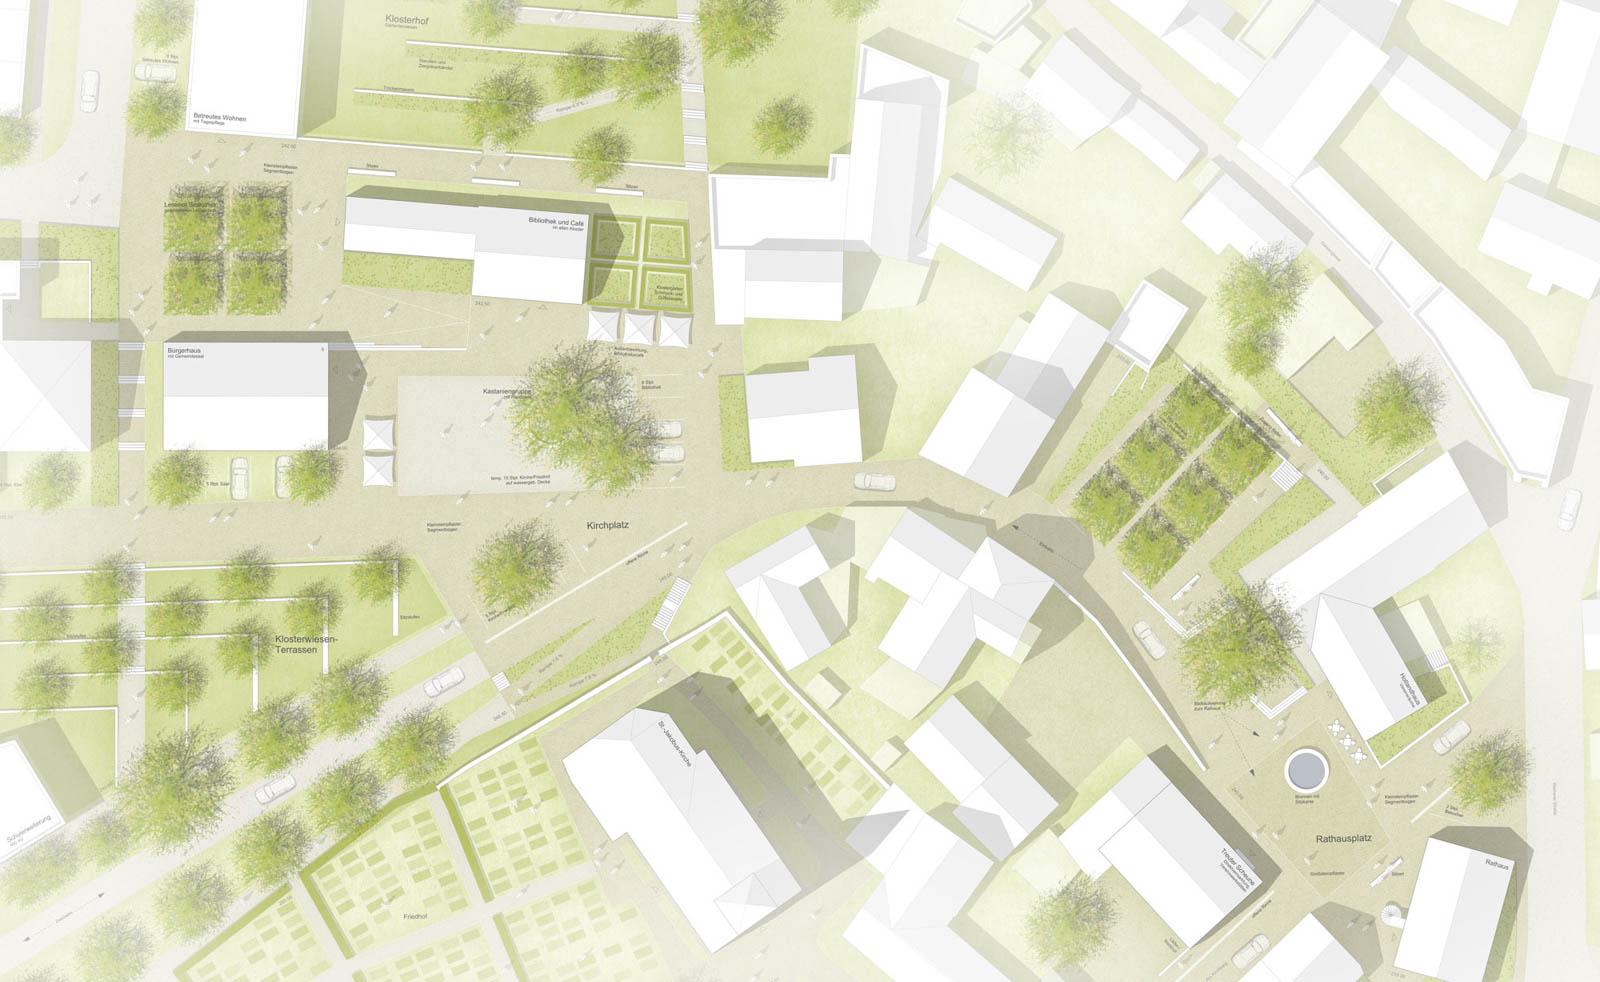 Nickel und Wachter Architekten - Klosterwiese Viereth Grünflächen